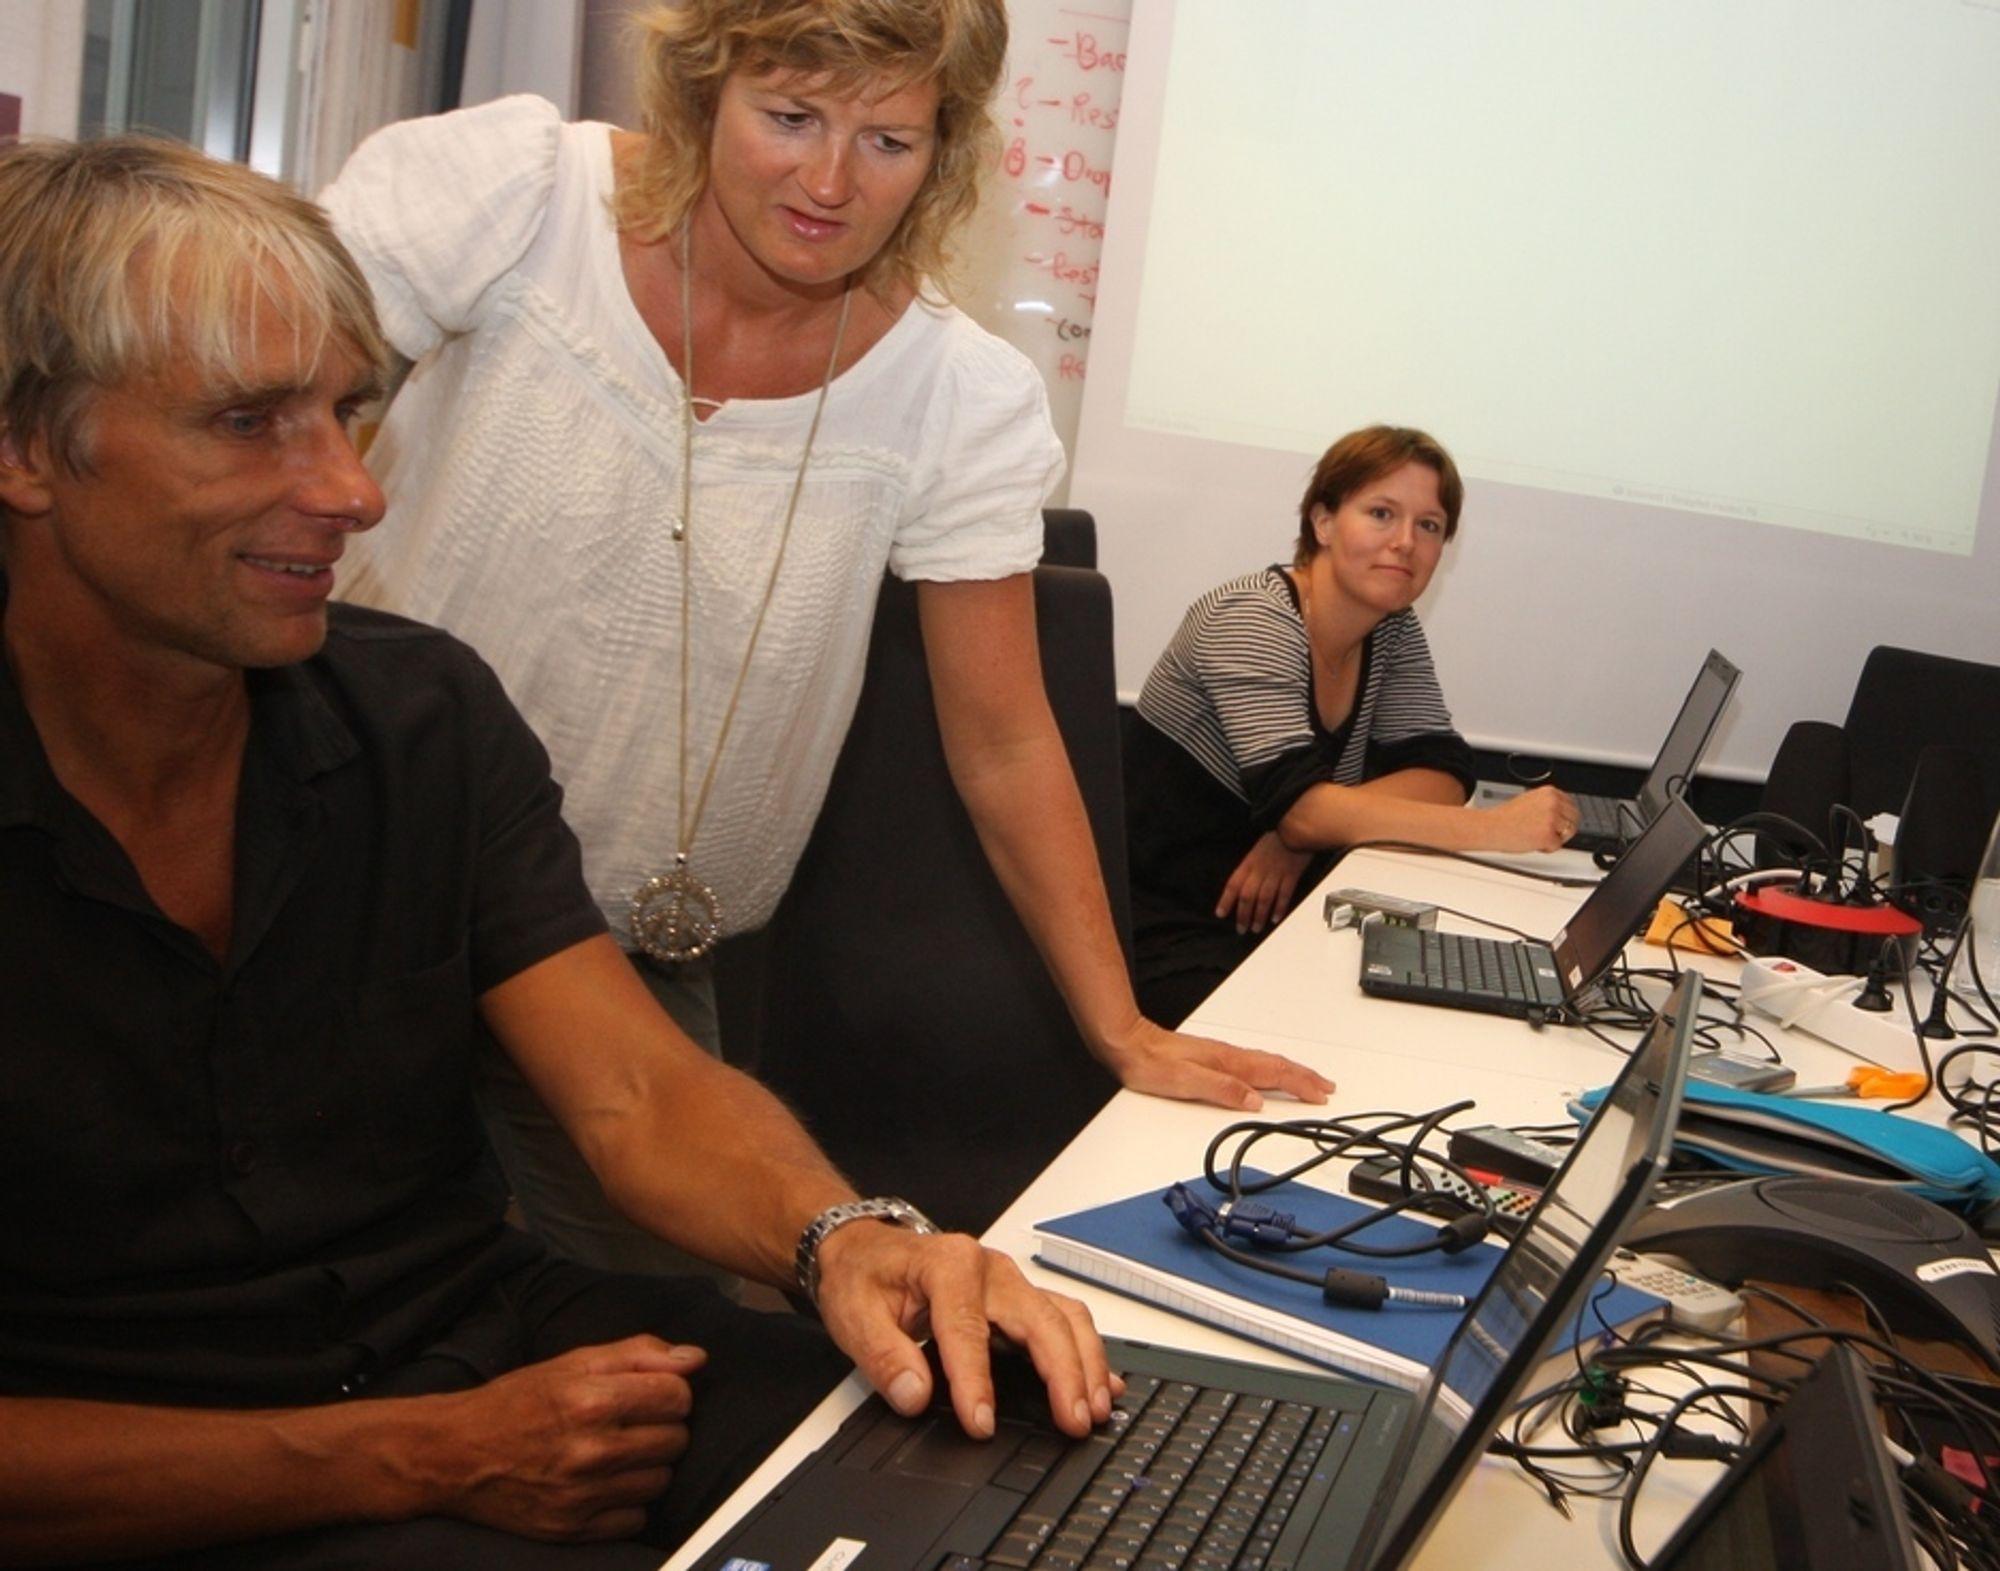 I GANG: Prosjektleder Henrik Nore holder øye med de første stemmene som kommer inn i det elektroniske valgsystemet, sammen med opplæringsansvarlig Kristin Skorpen og forskningskoordinator Beate Nygård.